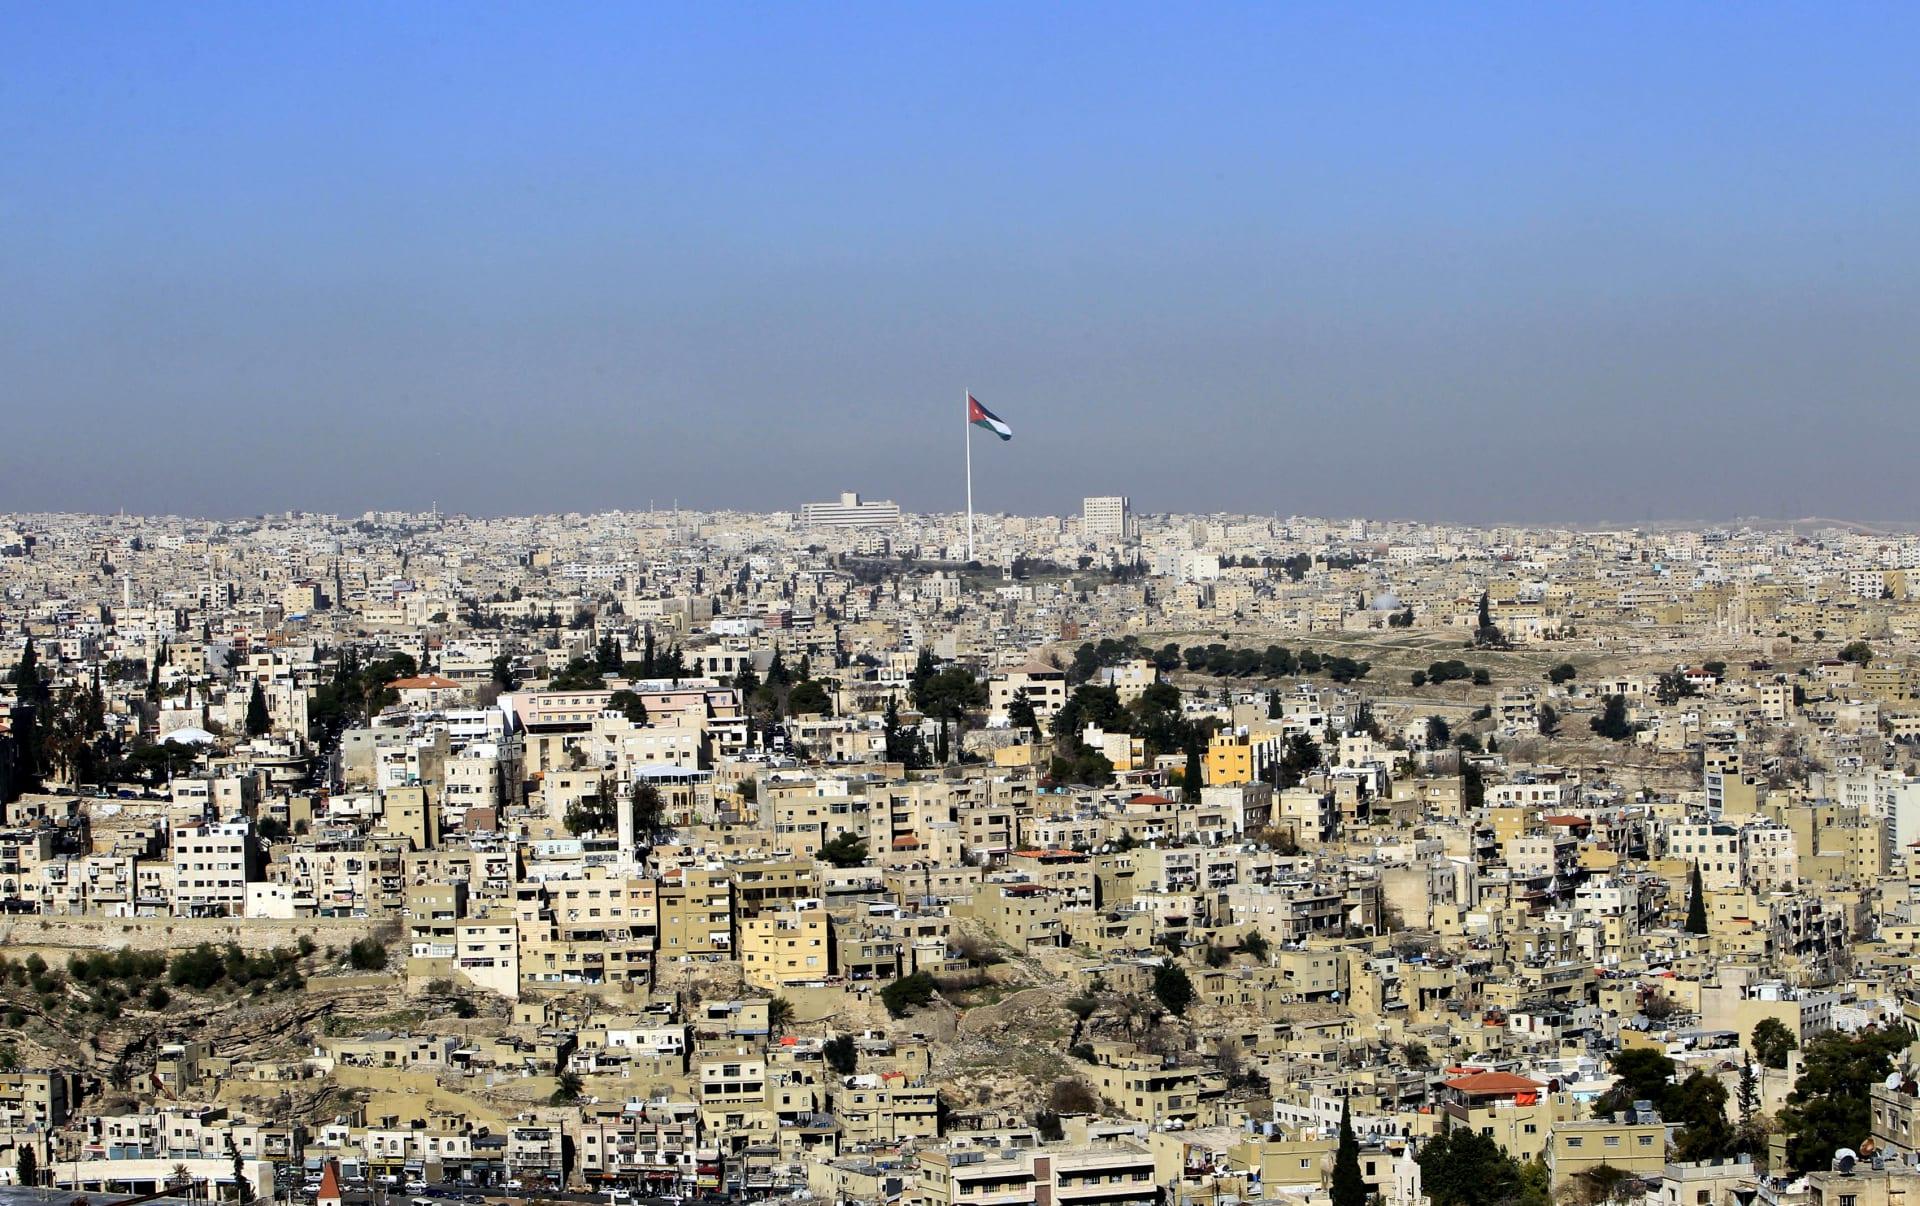 صورة أرشيفية للعالم الاردني بقلب العاصمة الأردنية، عمان